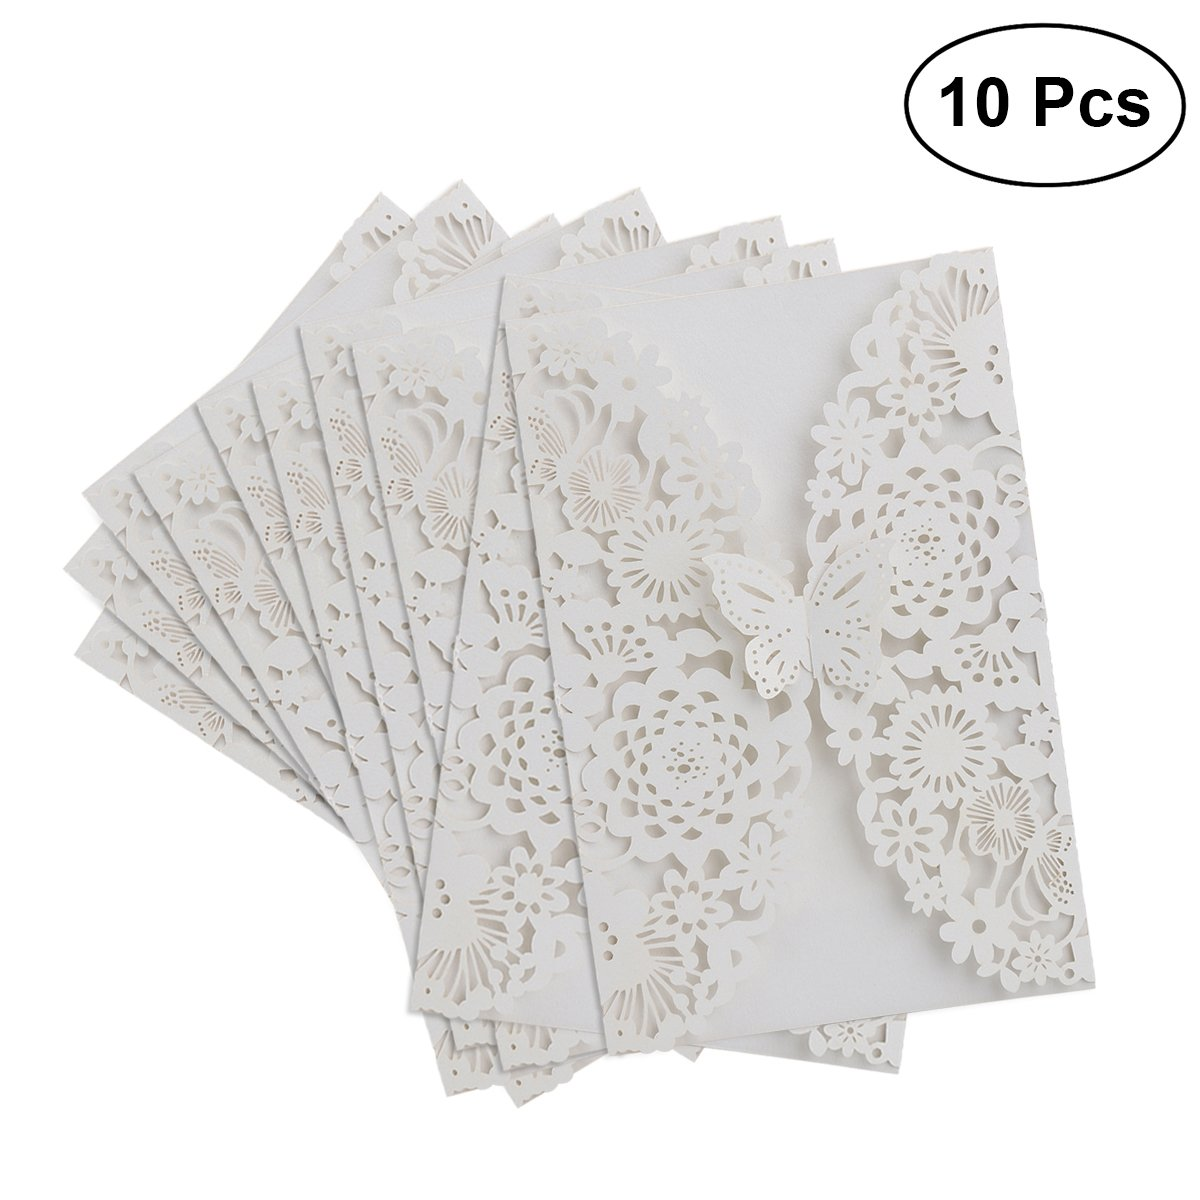 LUOEM invitaciones de boda - 10pcs vertical Laser Cut mariposa Invitaciones Kits de tarjetas para bodas nupcial ducha Cumpleaños con papel de cinta y sobres (blanco)